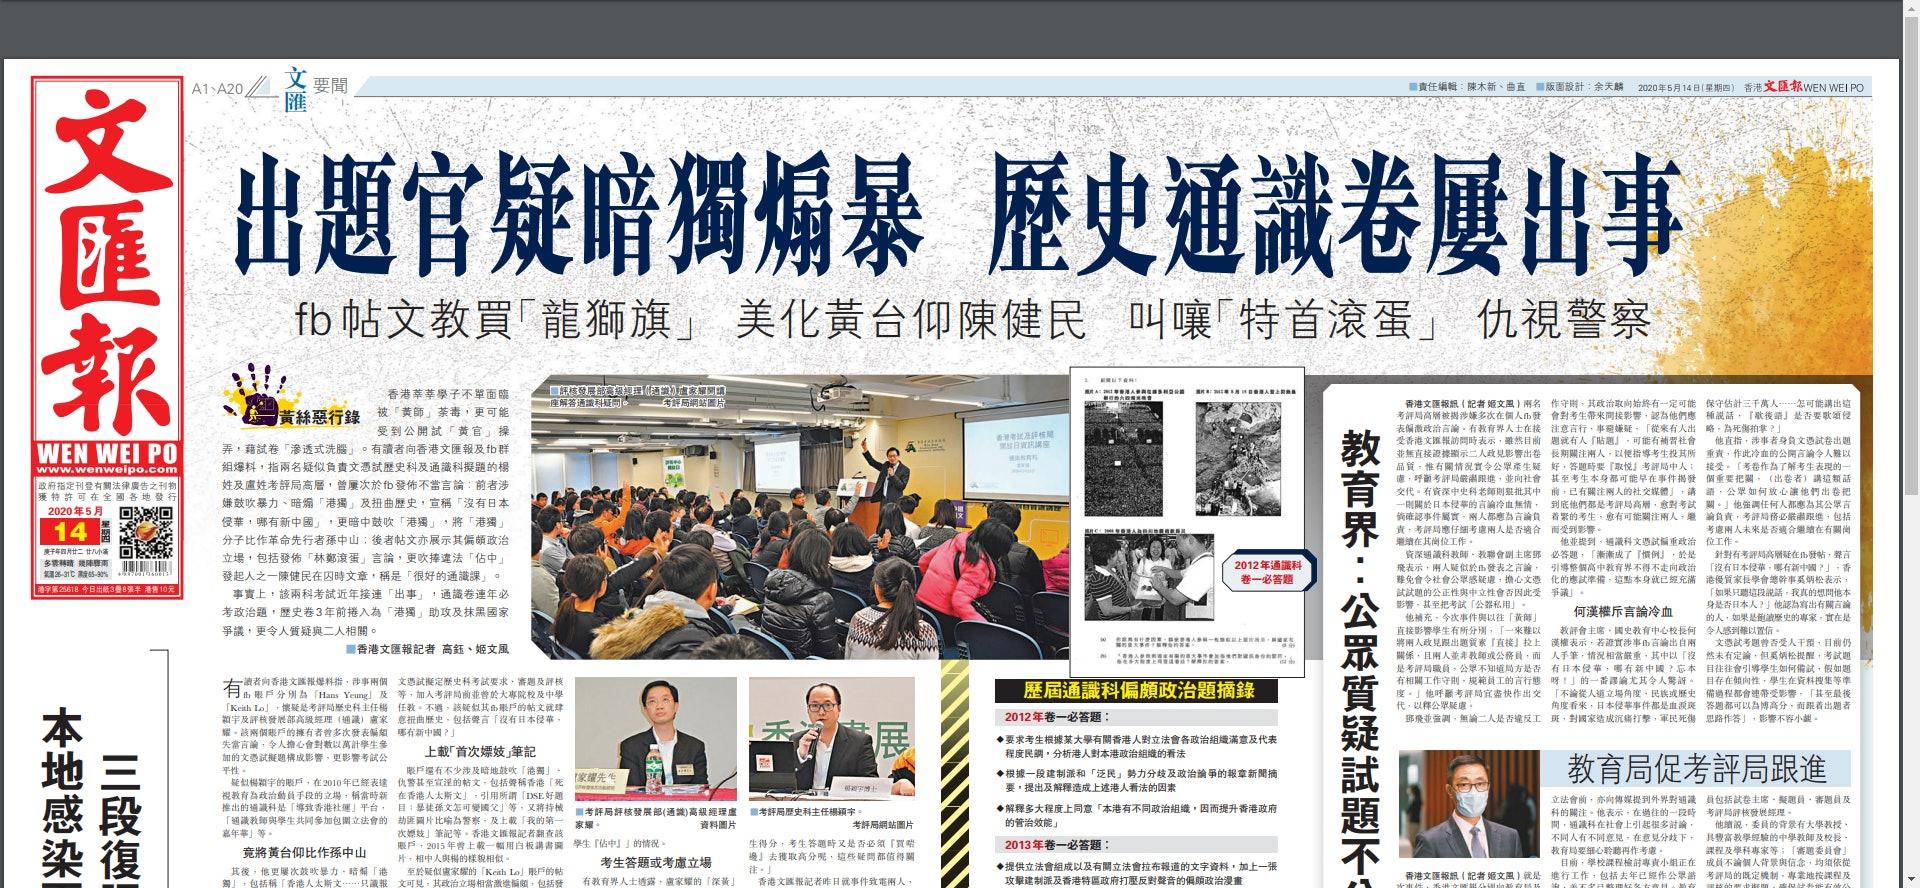 《文匯報》在周四以頭版報道。(文匯報網站截圖)